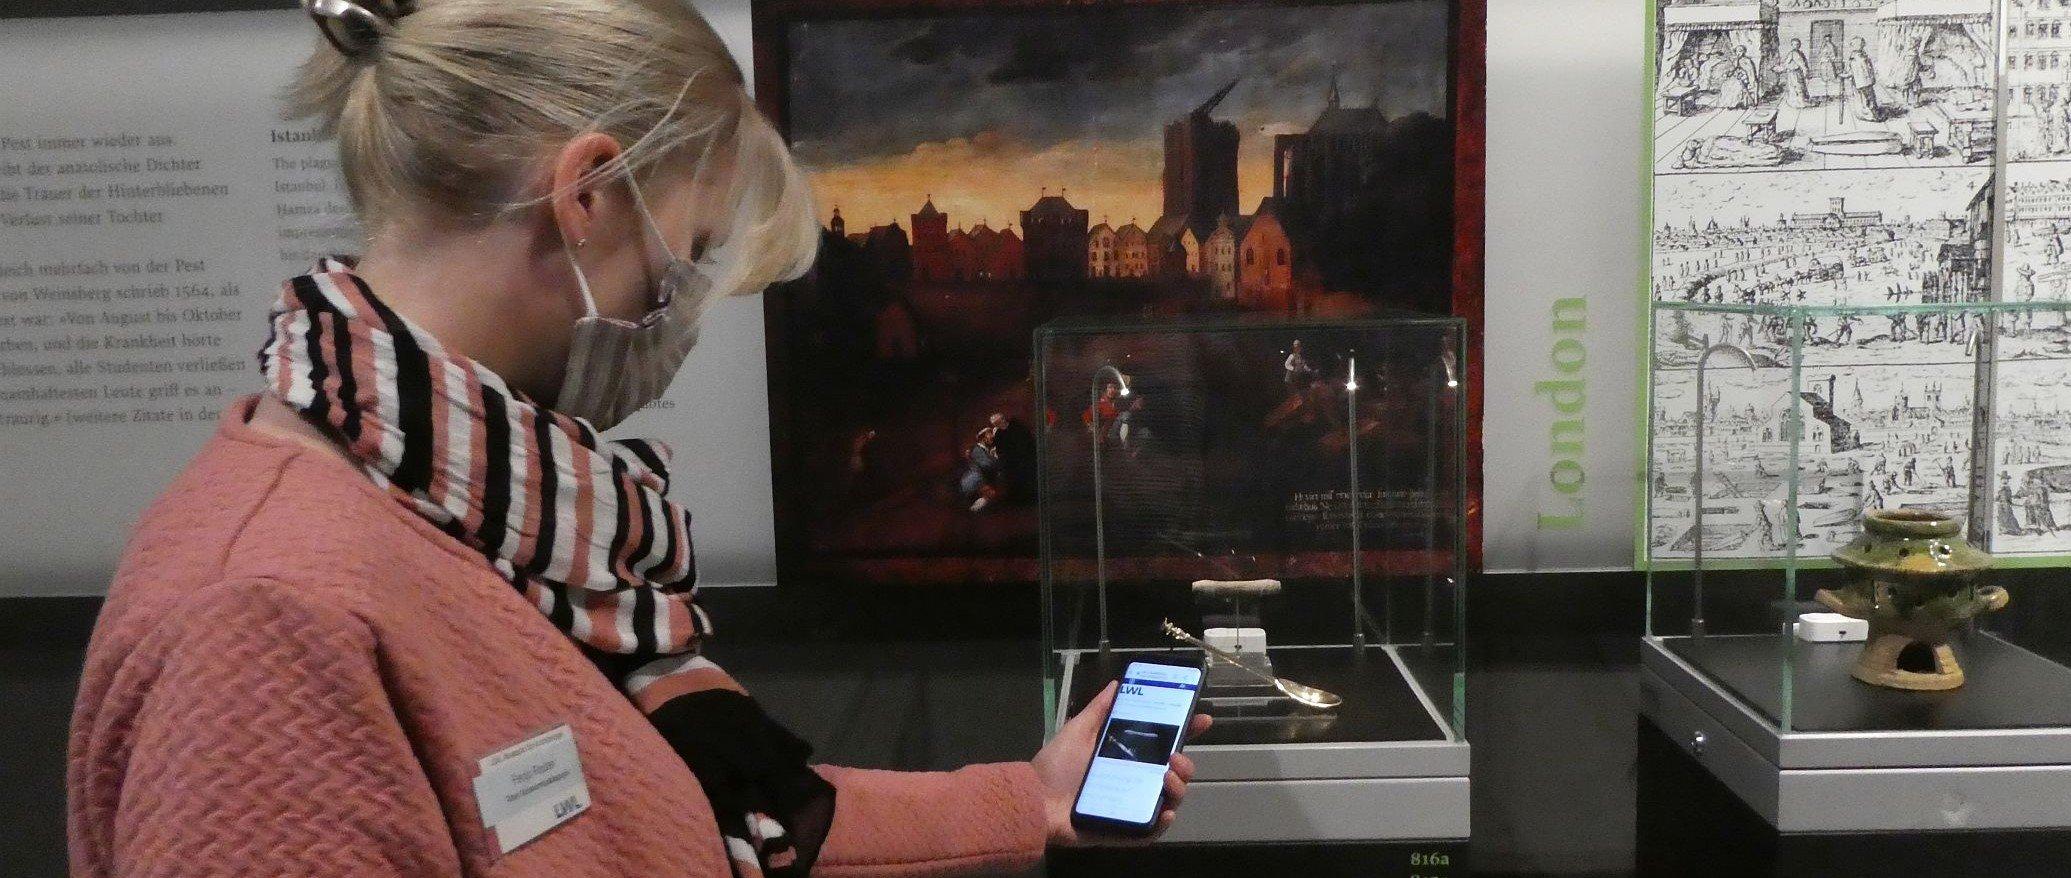 Die Informationen zu den Exponaten können per Smartphone oder Tablet direkt vor dem Exponat abgerufen werden. Foto: LWL/ A. Jordan